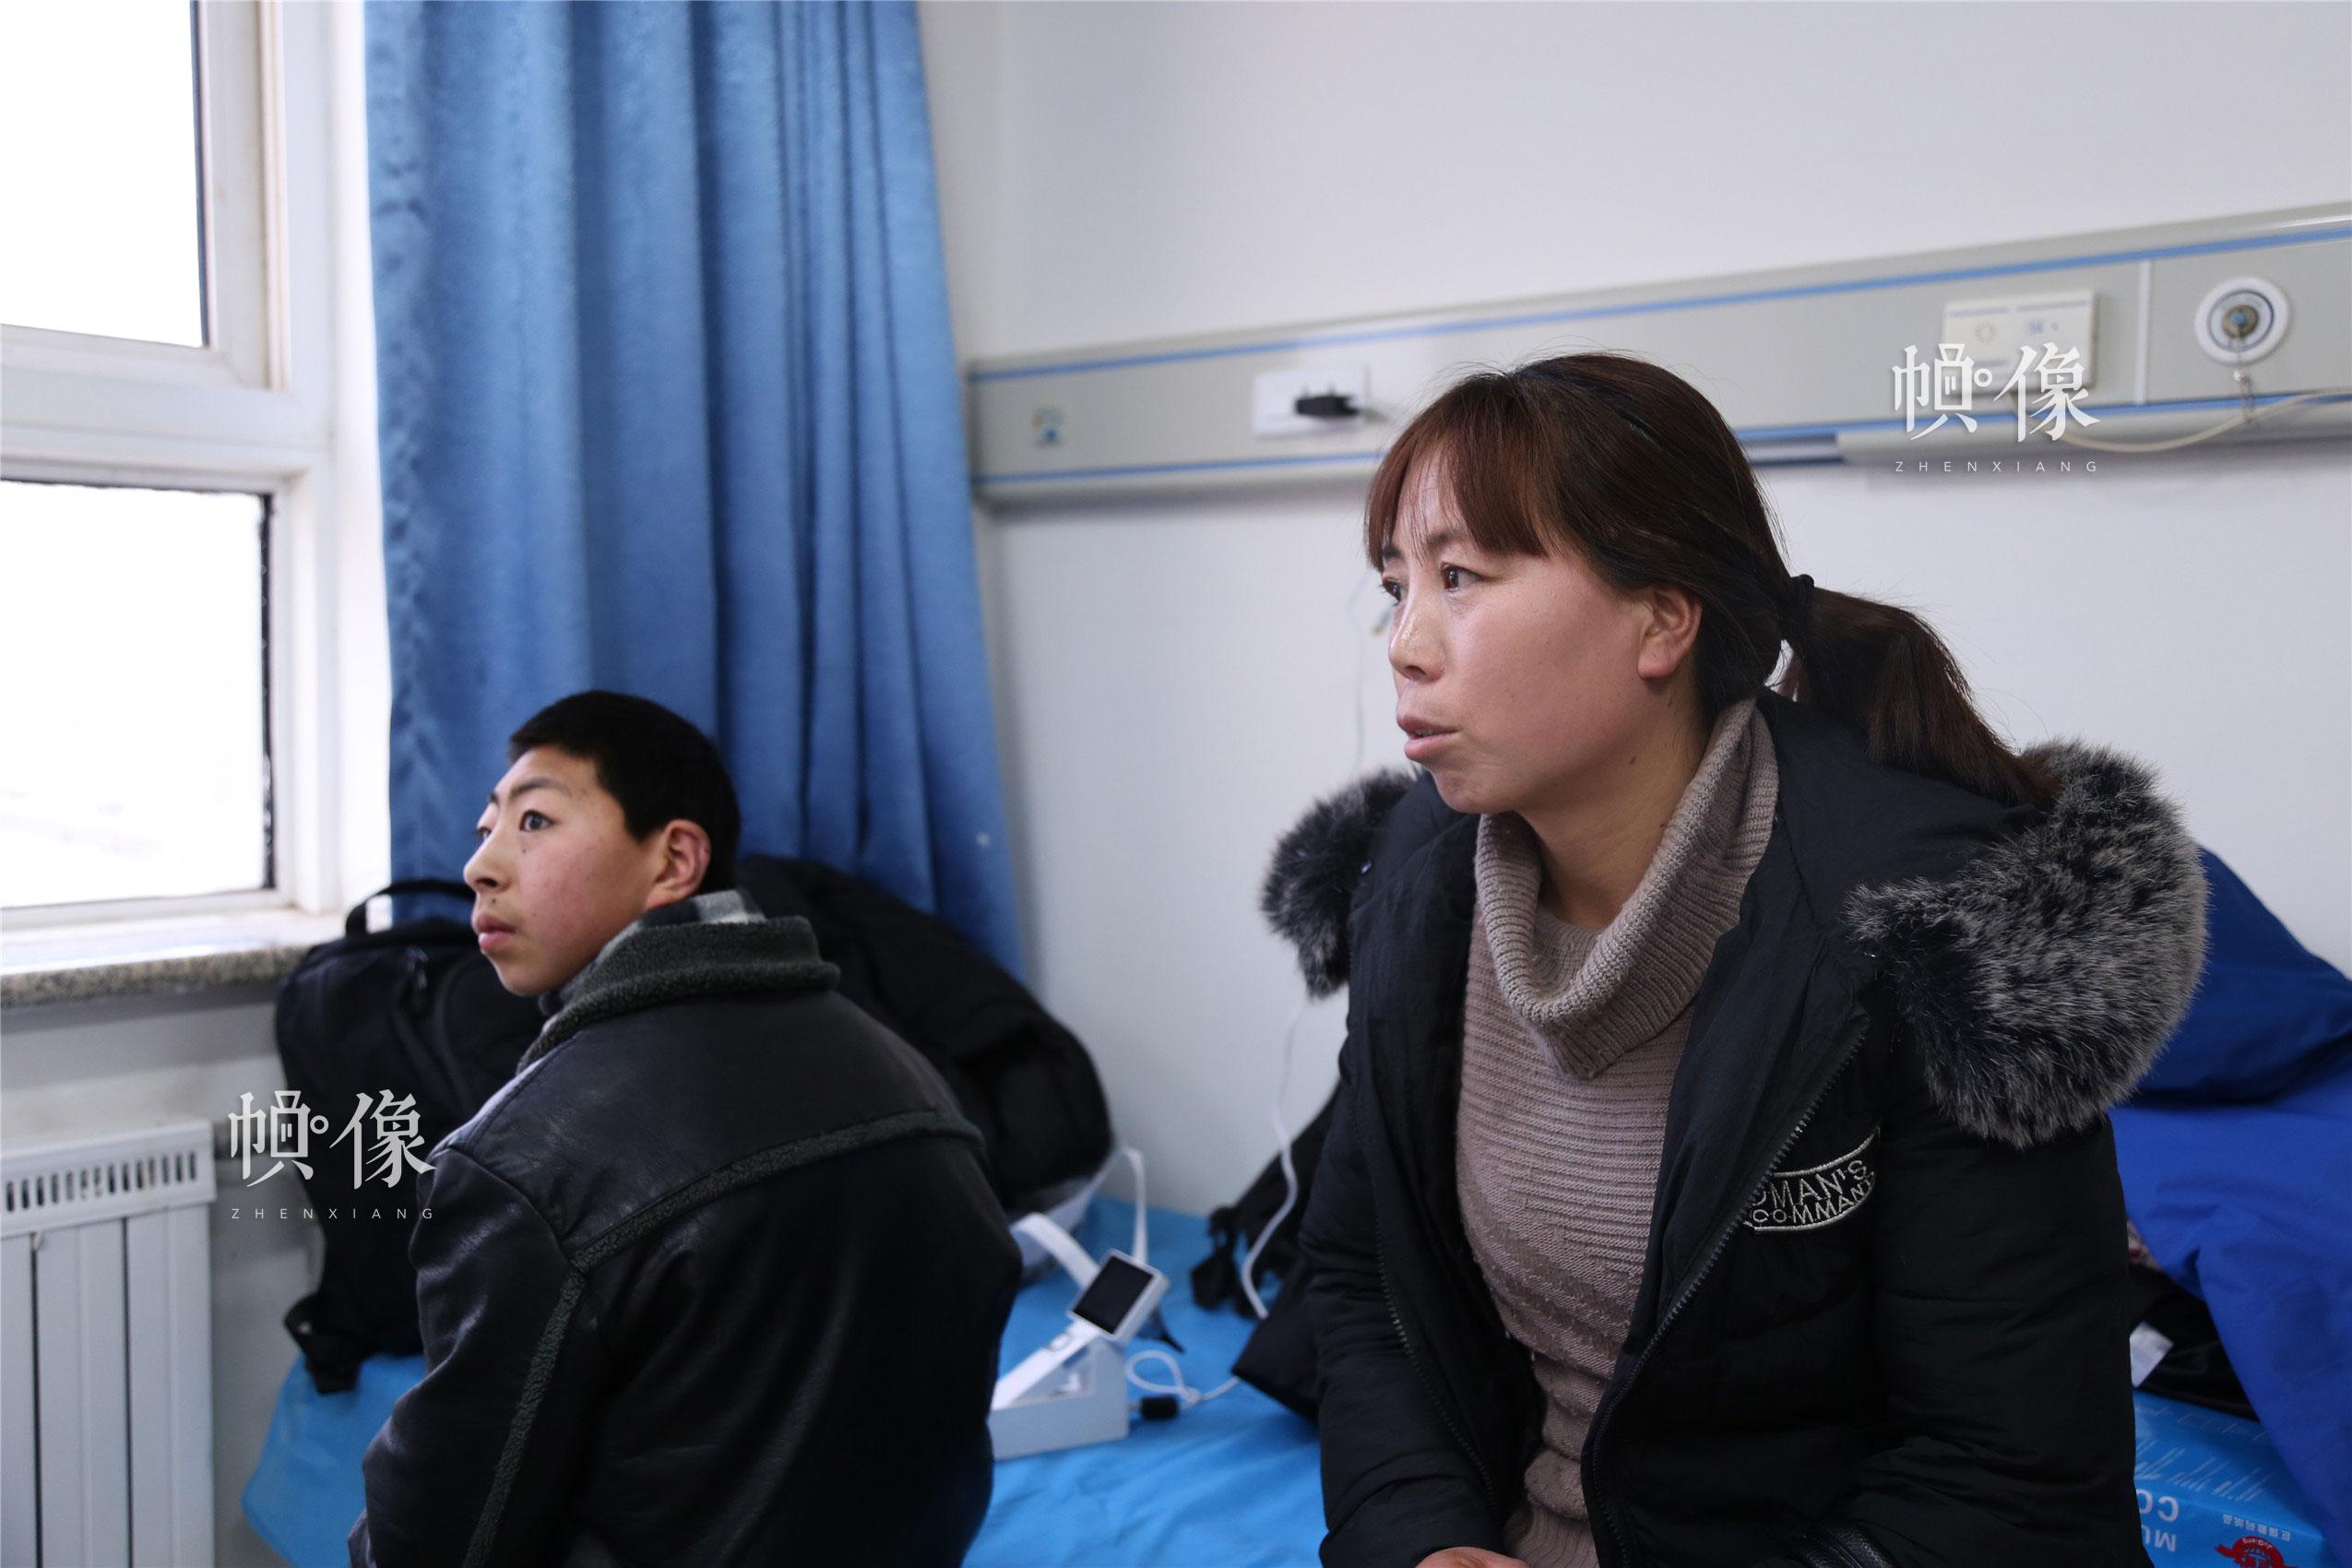 2018年1月21日,甘肃省陇南市西和县,焦急等待筛查结果的母子俩。中国网实习记者 李逸奇 摄